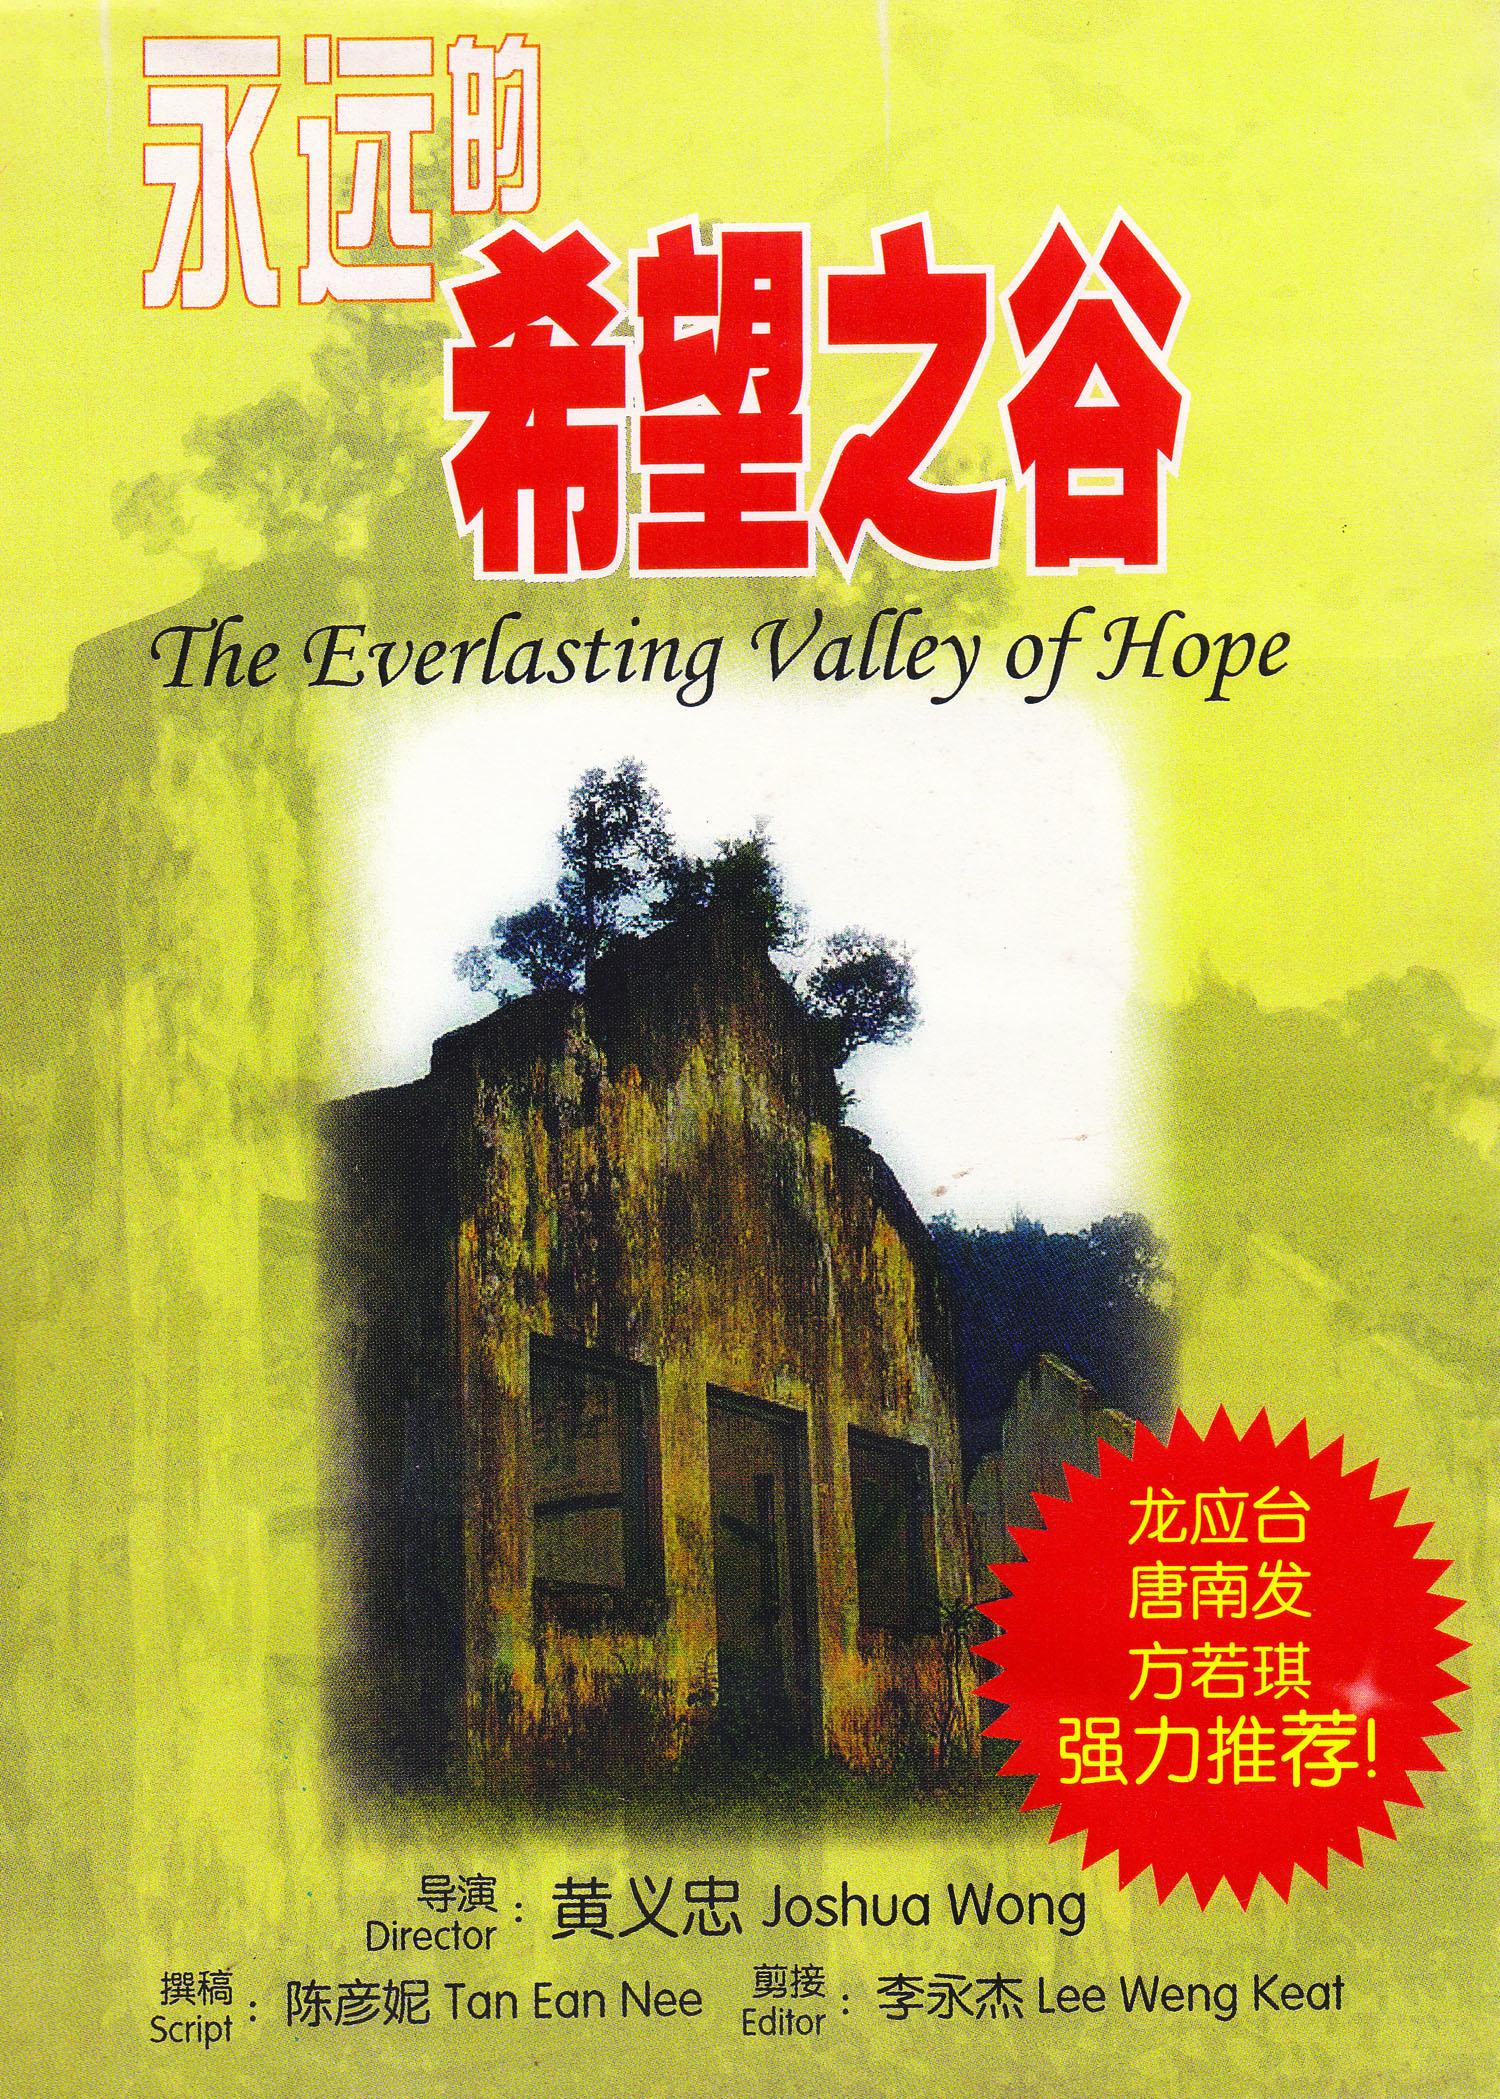 由黄义忠和陈彦妮制作的《永远的希望之谷》中文纪录片于  2009  年推出。(陈彦妮 摄)